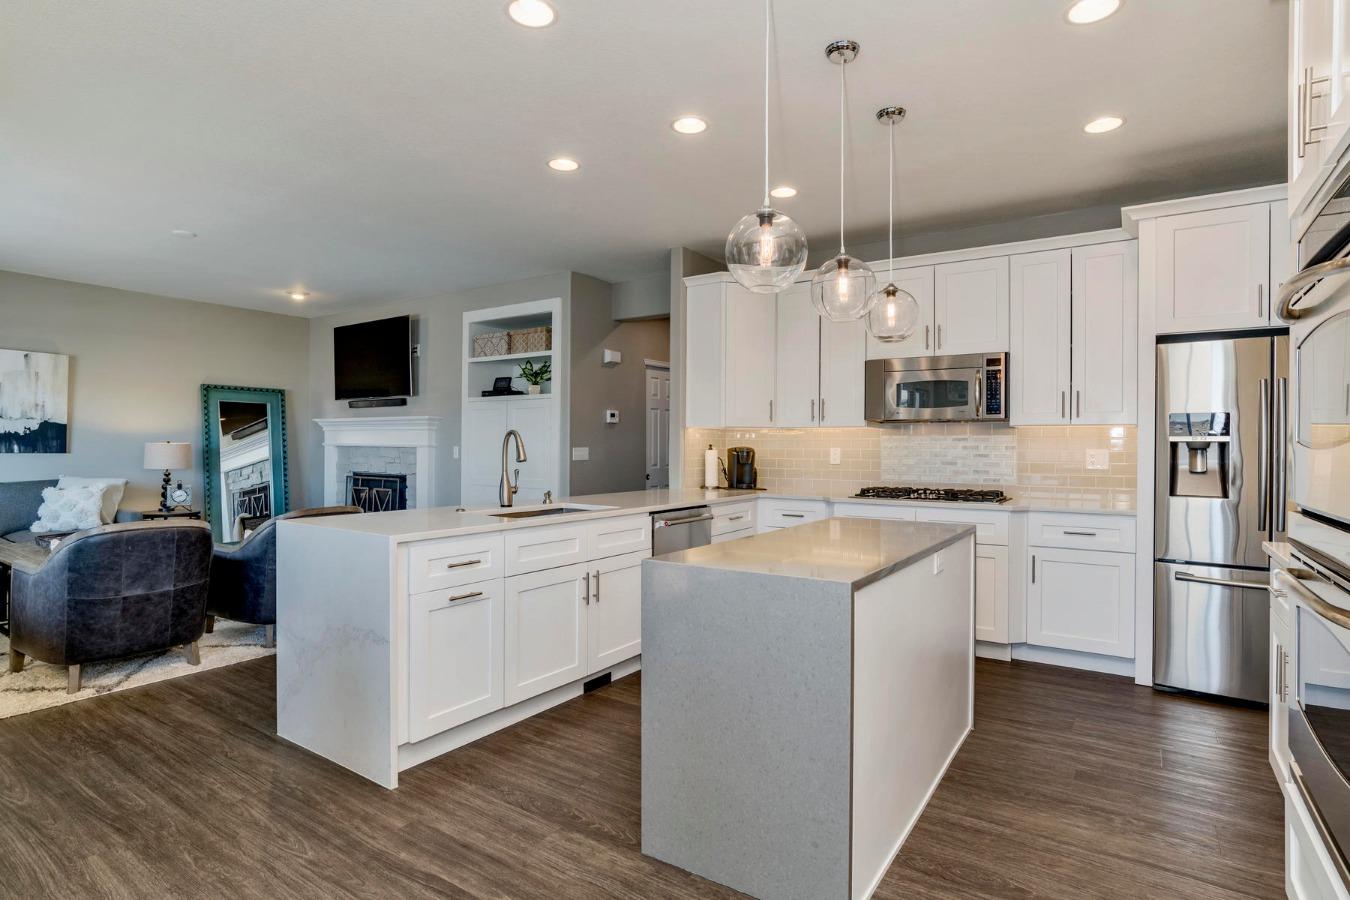 Kitchen Overlooks Adjoining Family Room